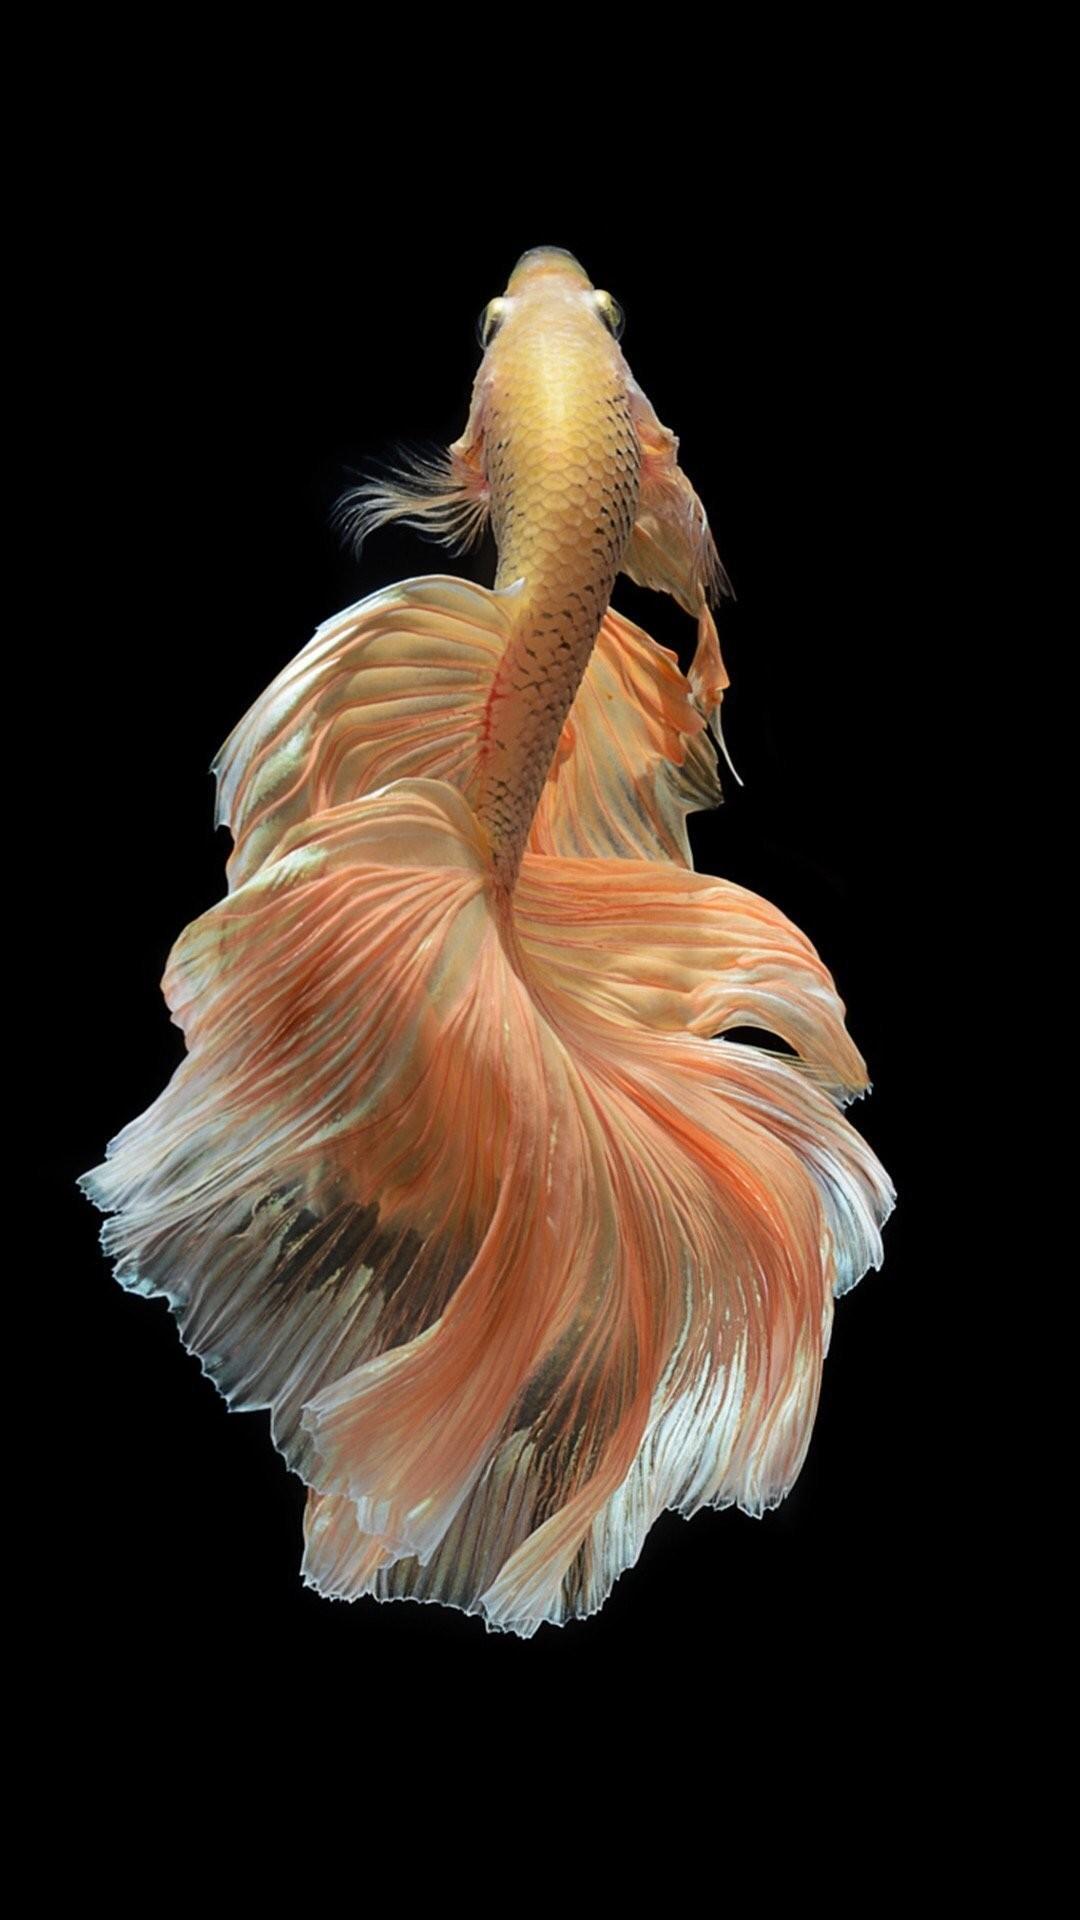 Iphone Fish Live Wallpaper 368471 Hd Wallpaper